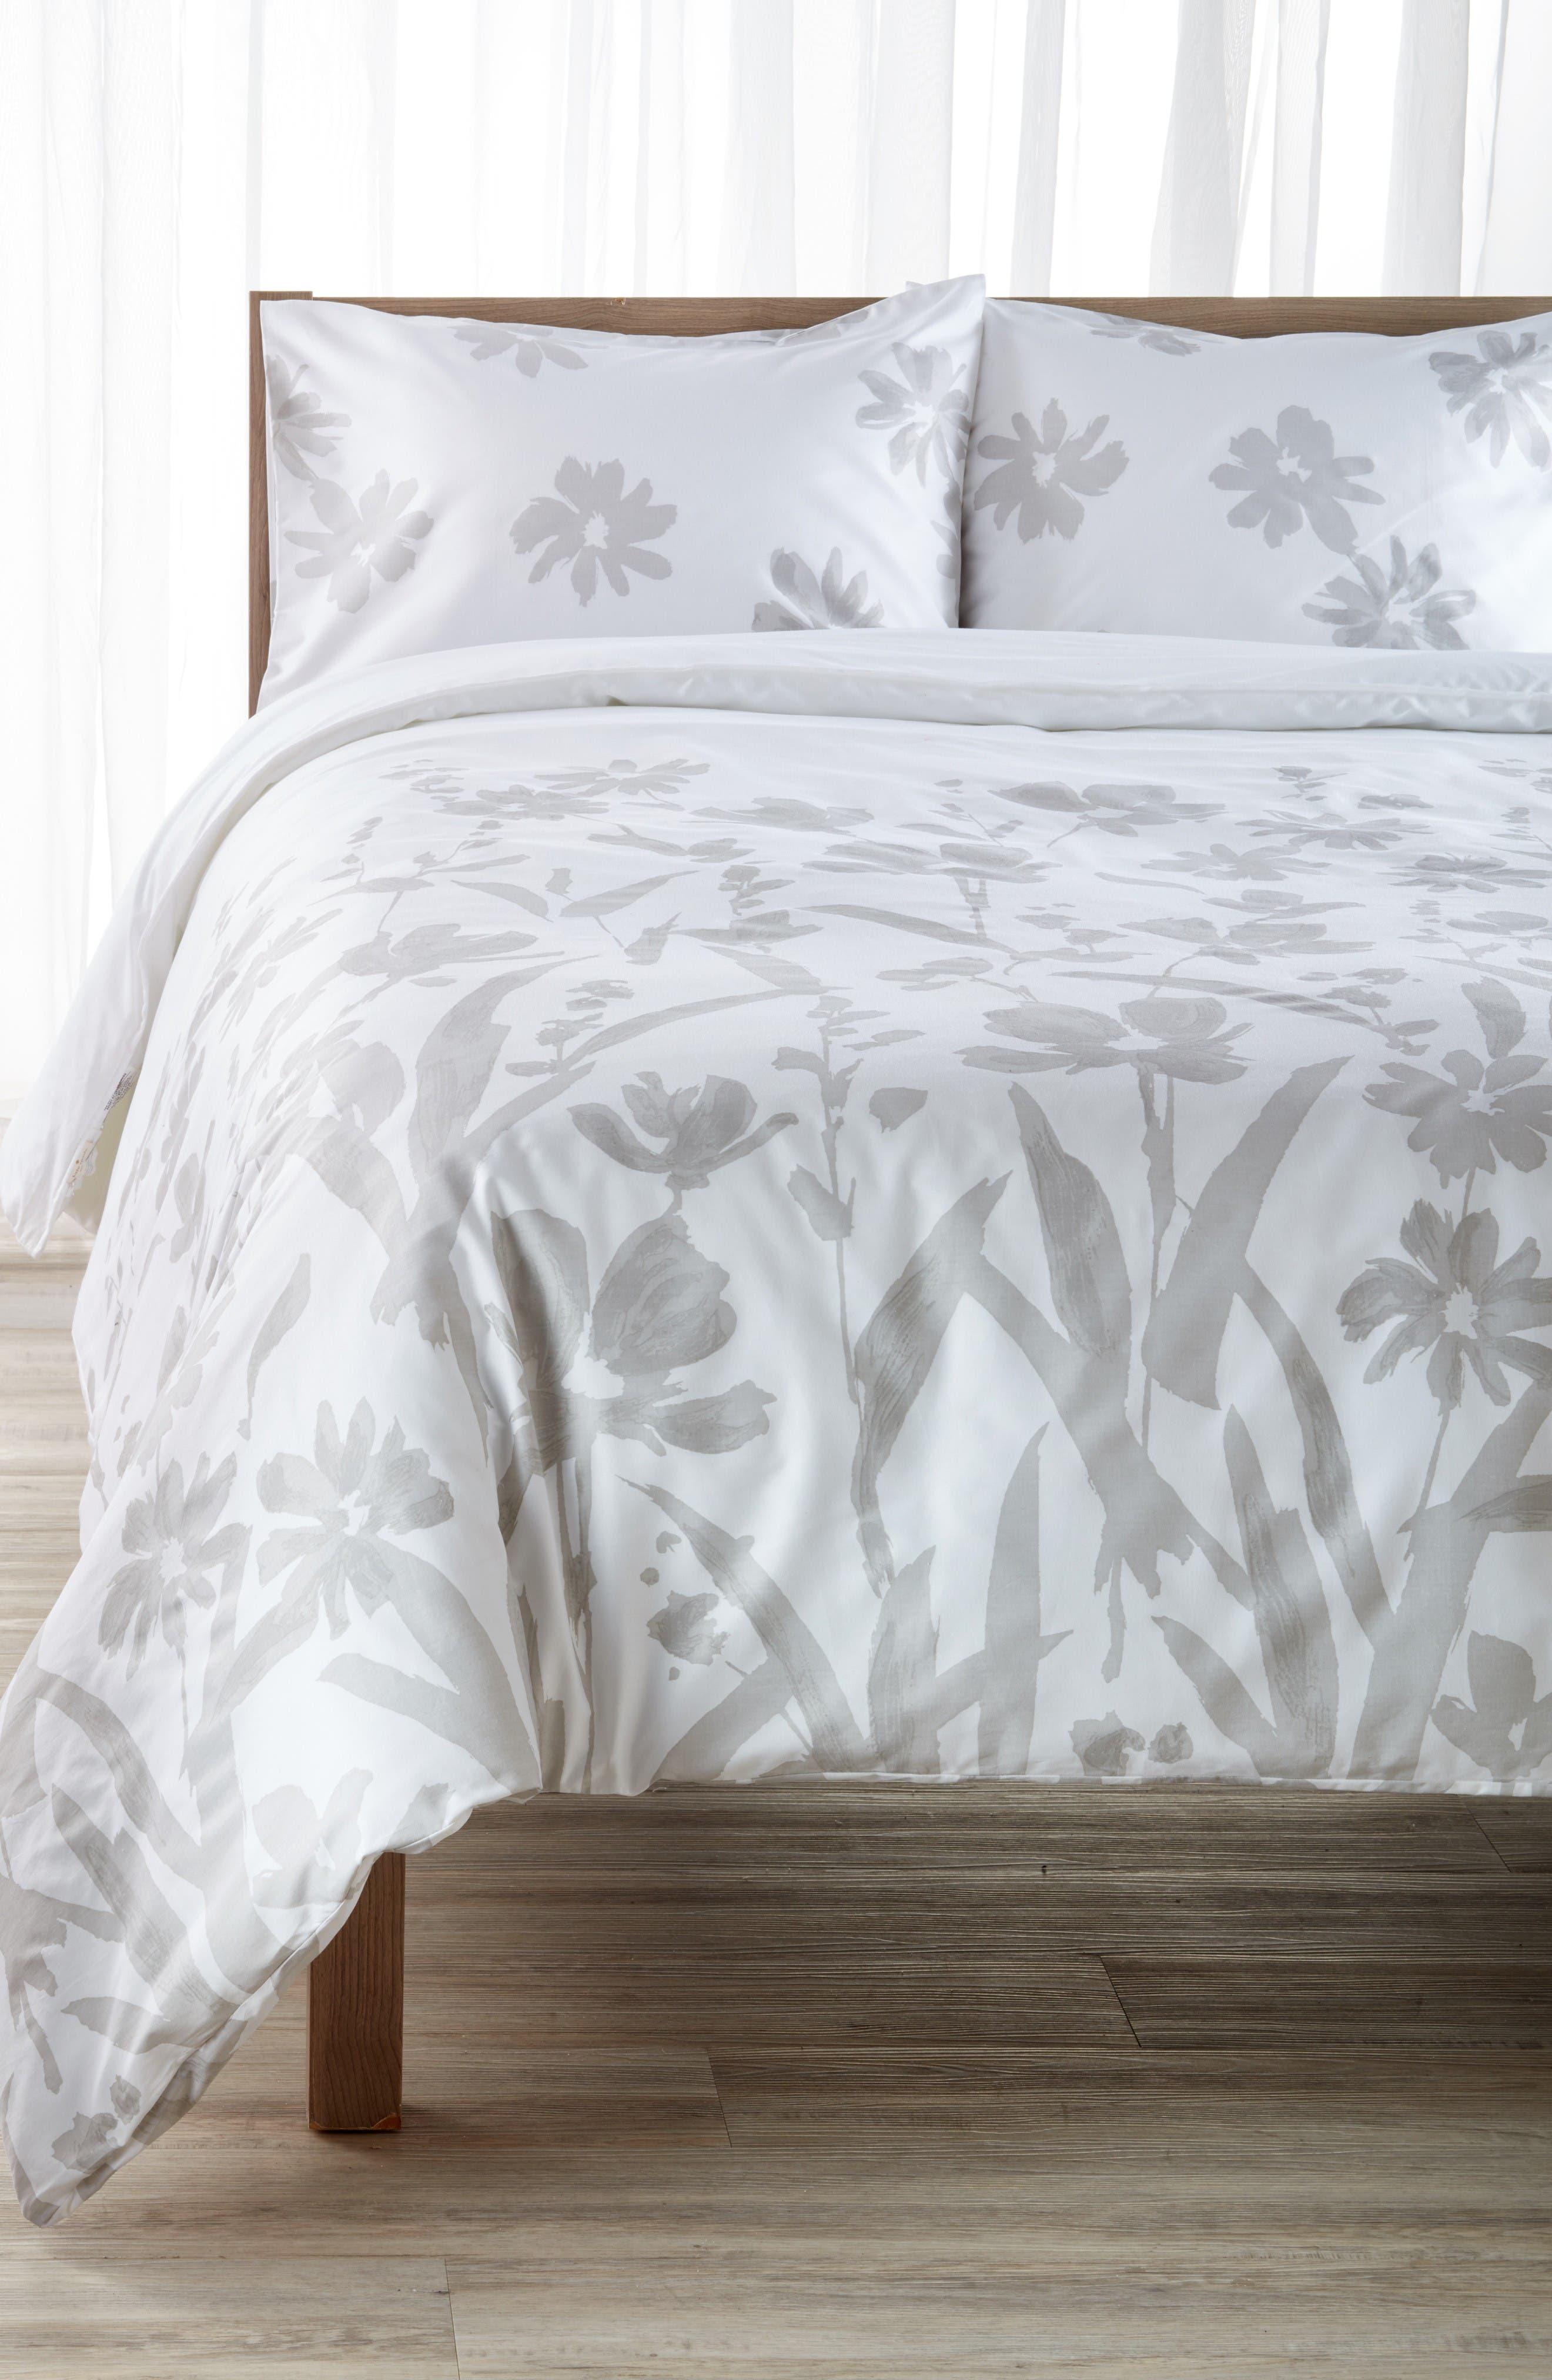 Main Image - kate spade new york brushstroke garden comforter & sham set